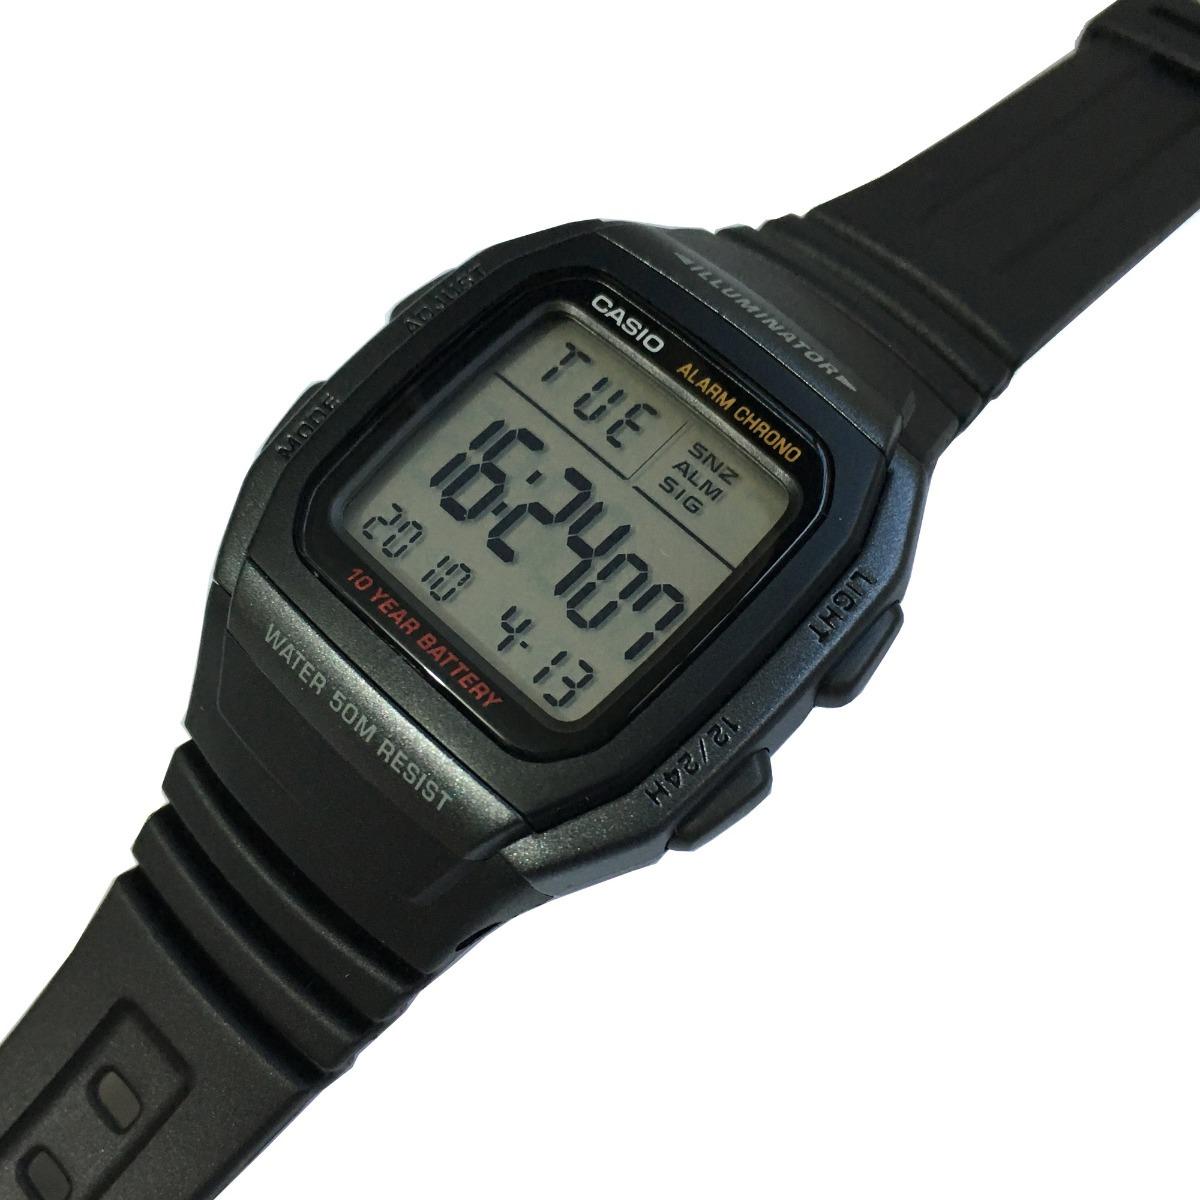 edbecb9b155 relogio casio digital w-96h 1bv alarme crono wr.50m original. Carregando  zoom.